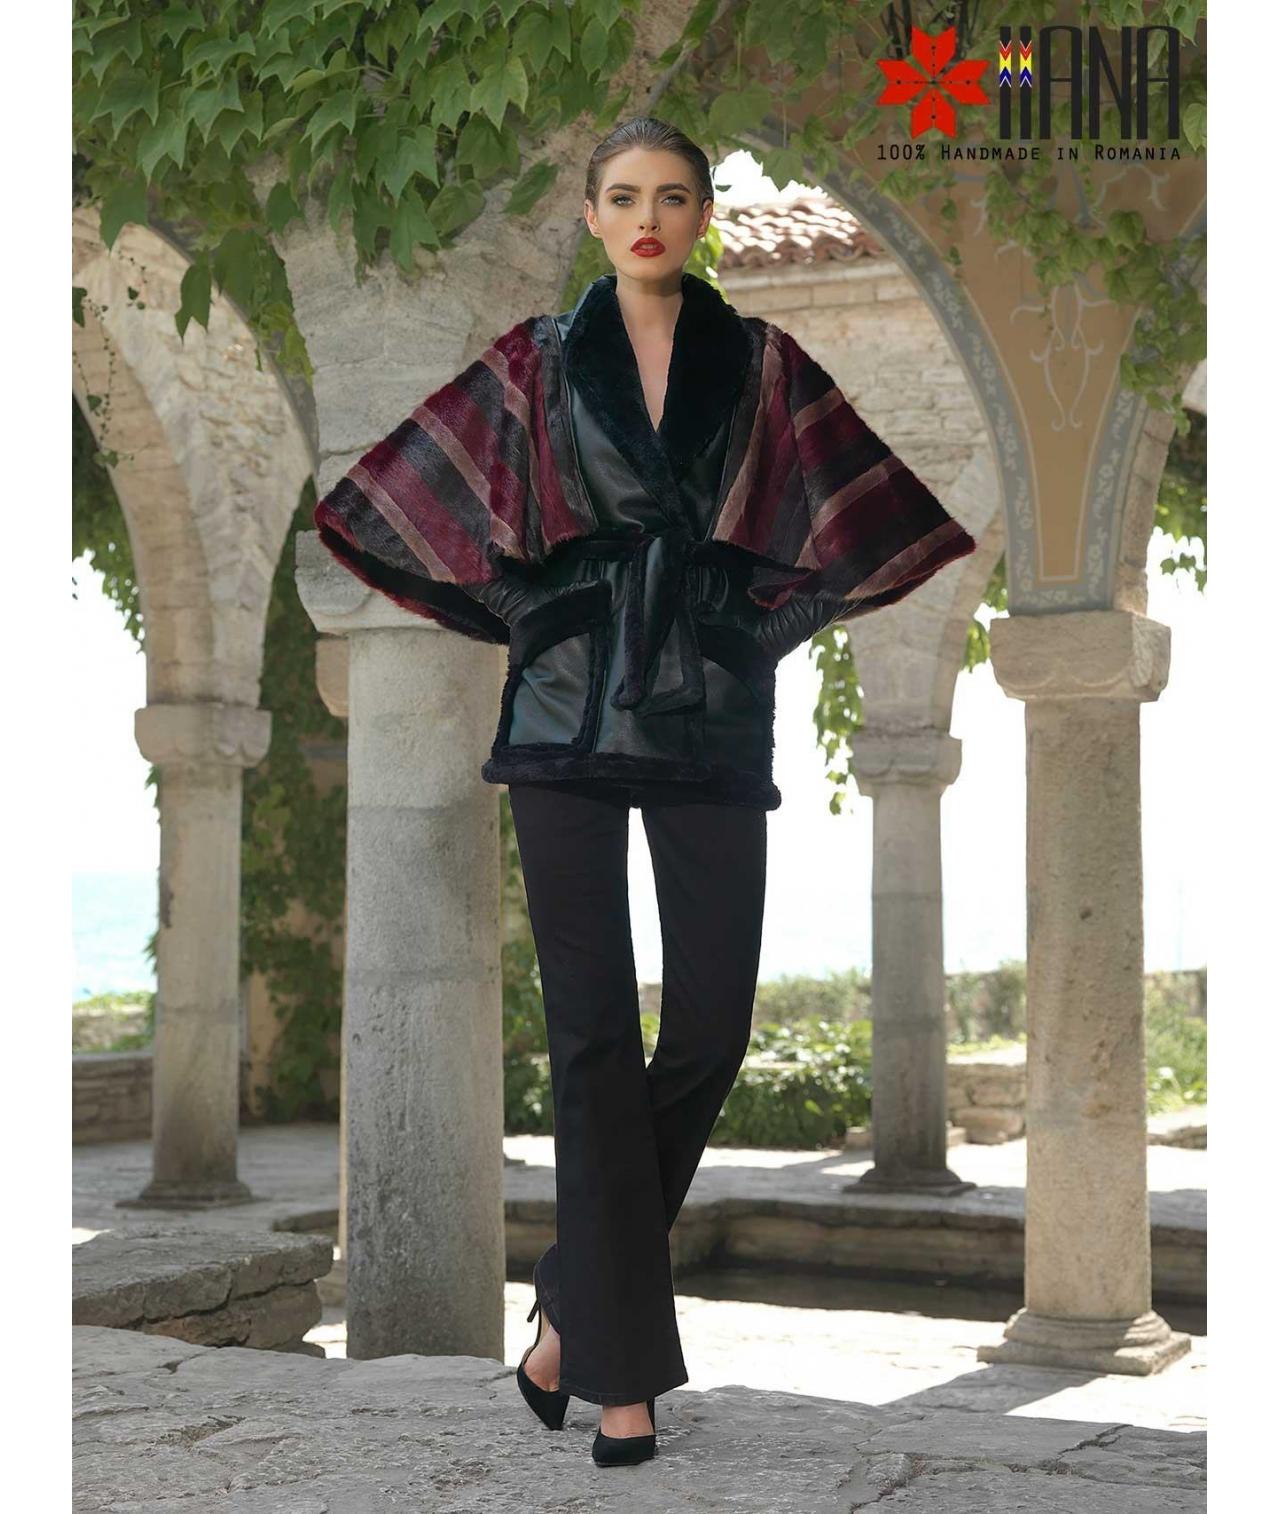 Paltoane de dama la moda in anul 2018